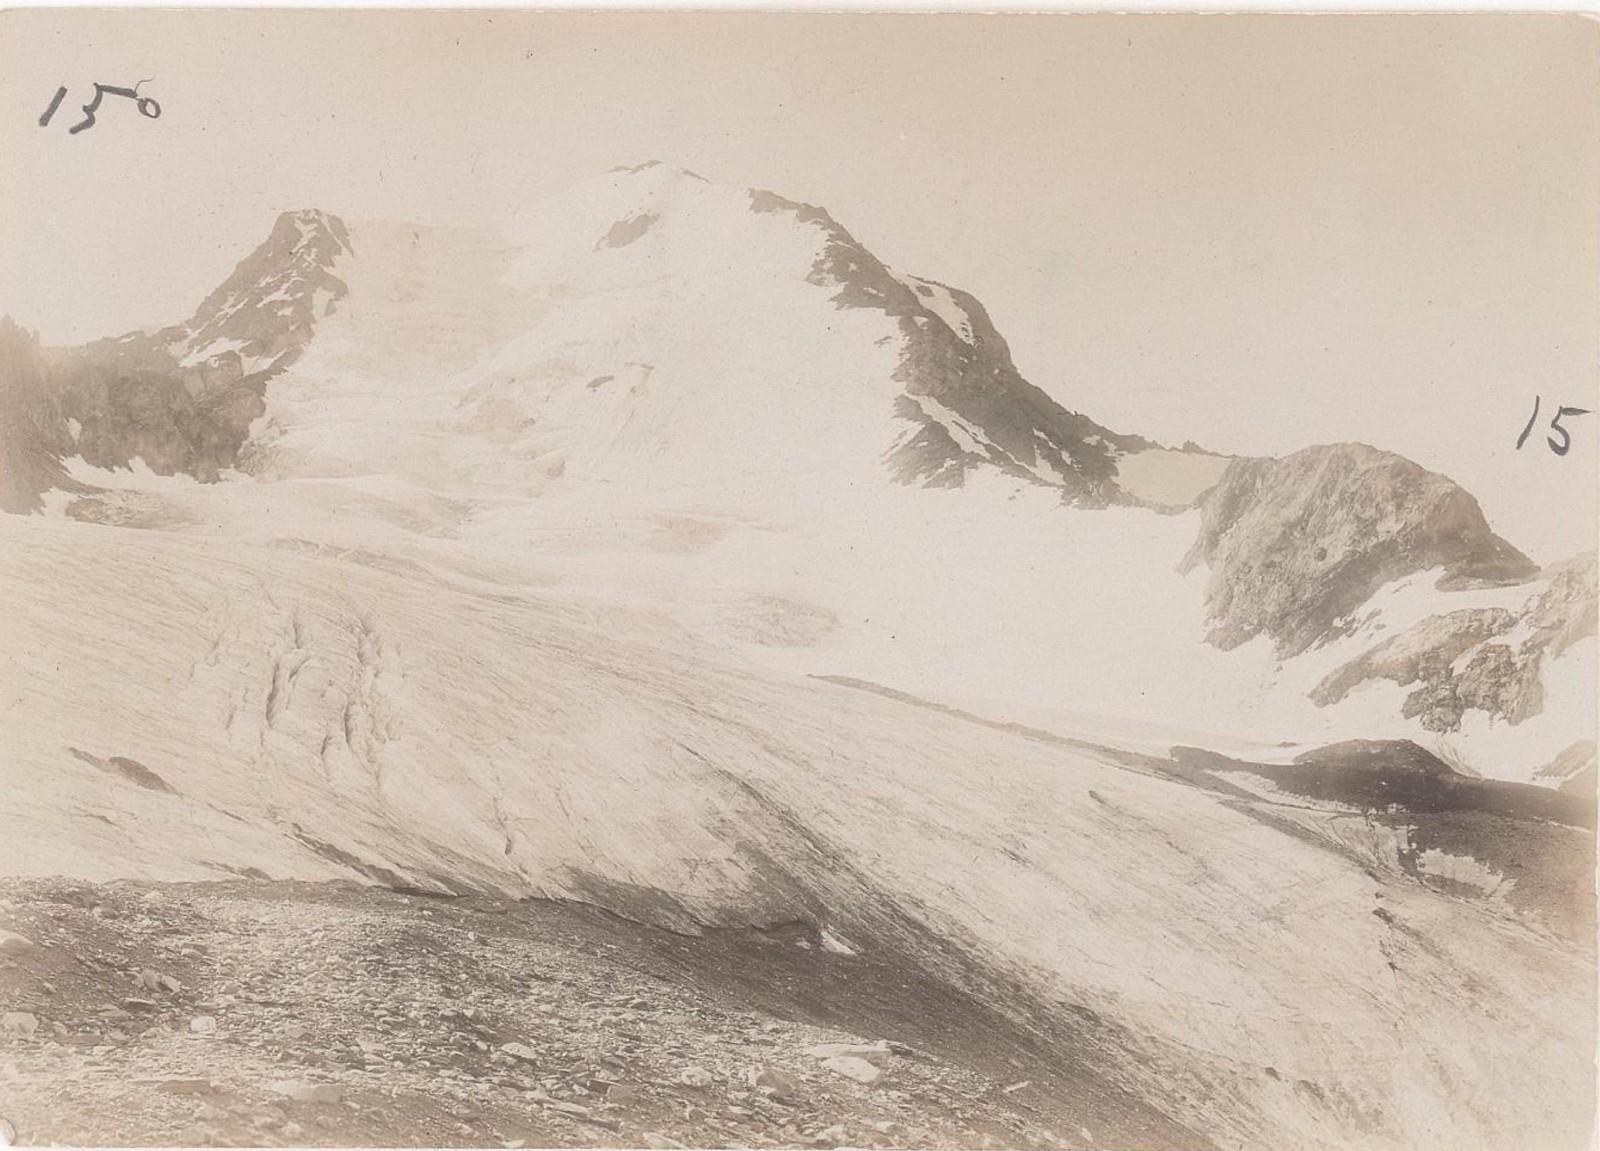 24. Восточный Кавказ. Хевсурские Альпы. Селис (3875 м), вид от Тебулос-геле. Август